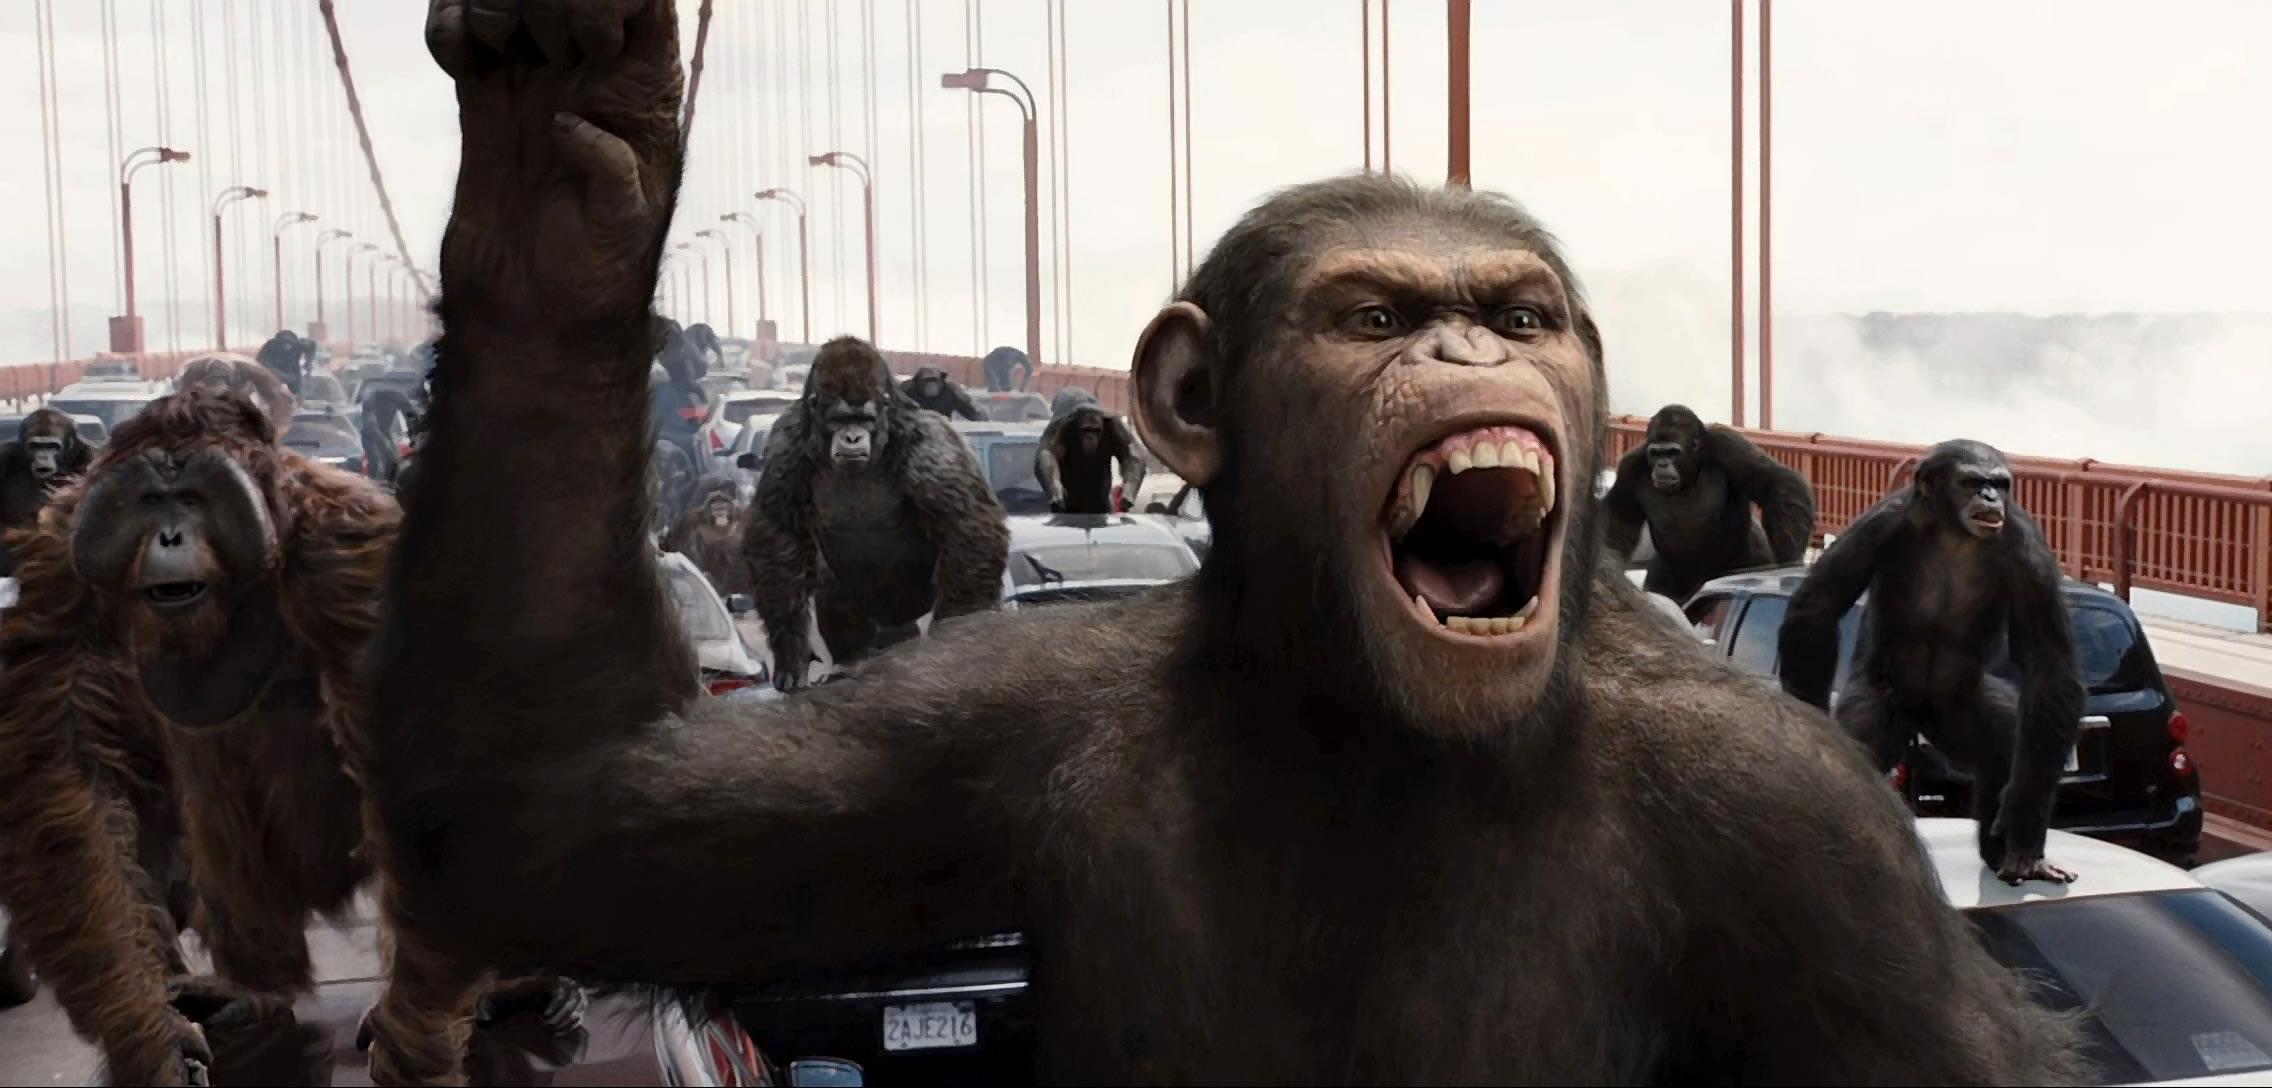 Член у обезьян смотреть 22 фотография